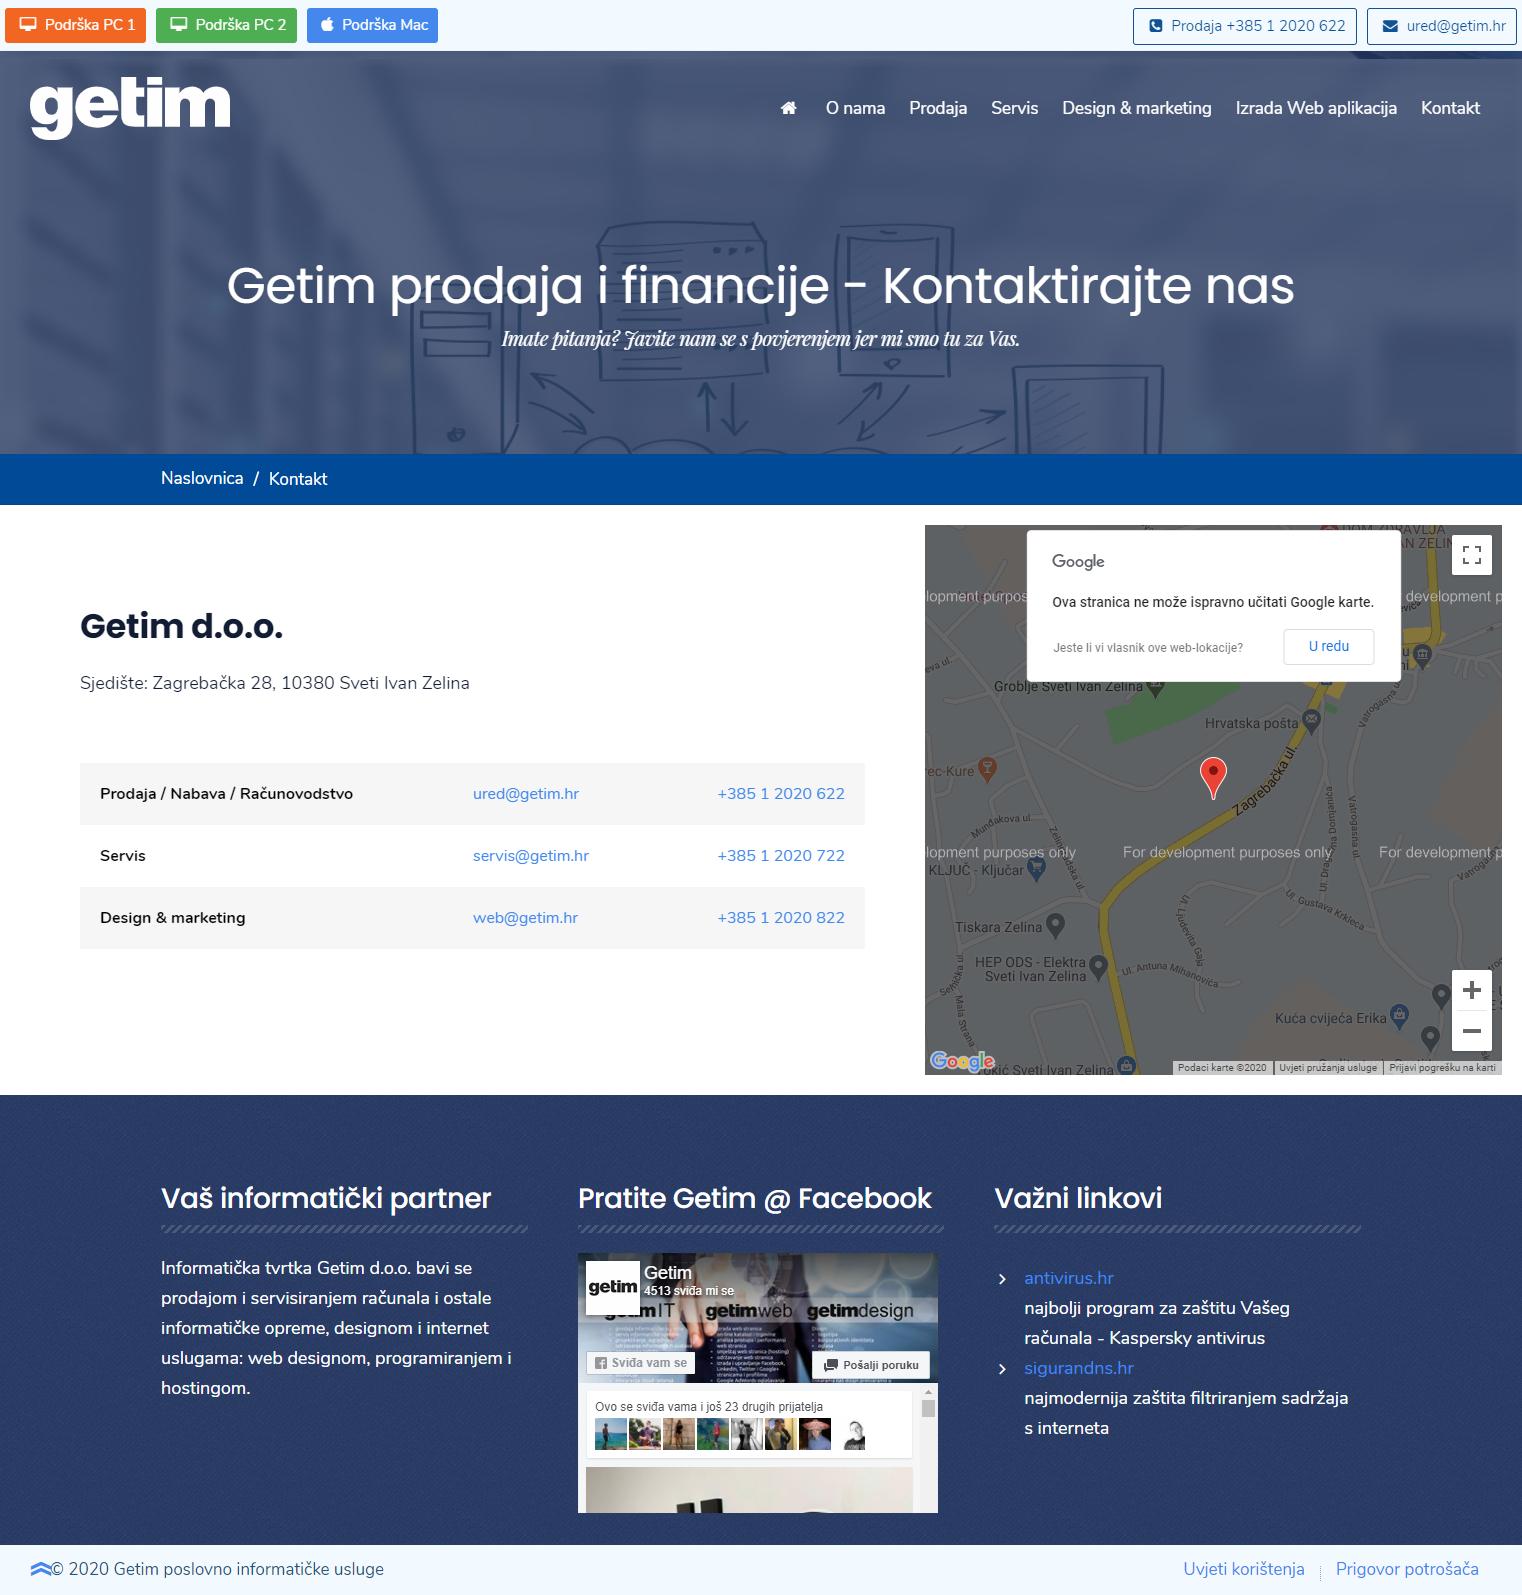 screencapture-getim-info-dev-getim2019-index-php-kontakt-2020-08-12-14_39_58.png